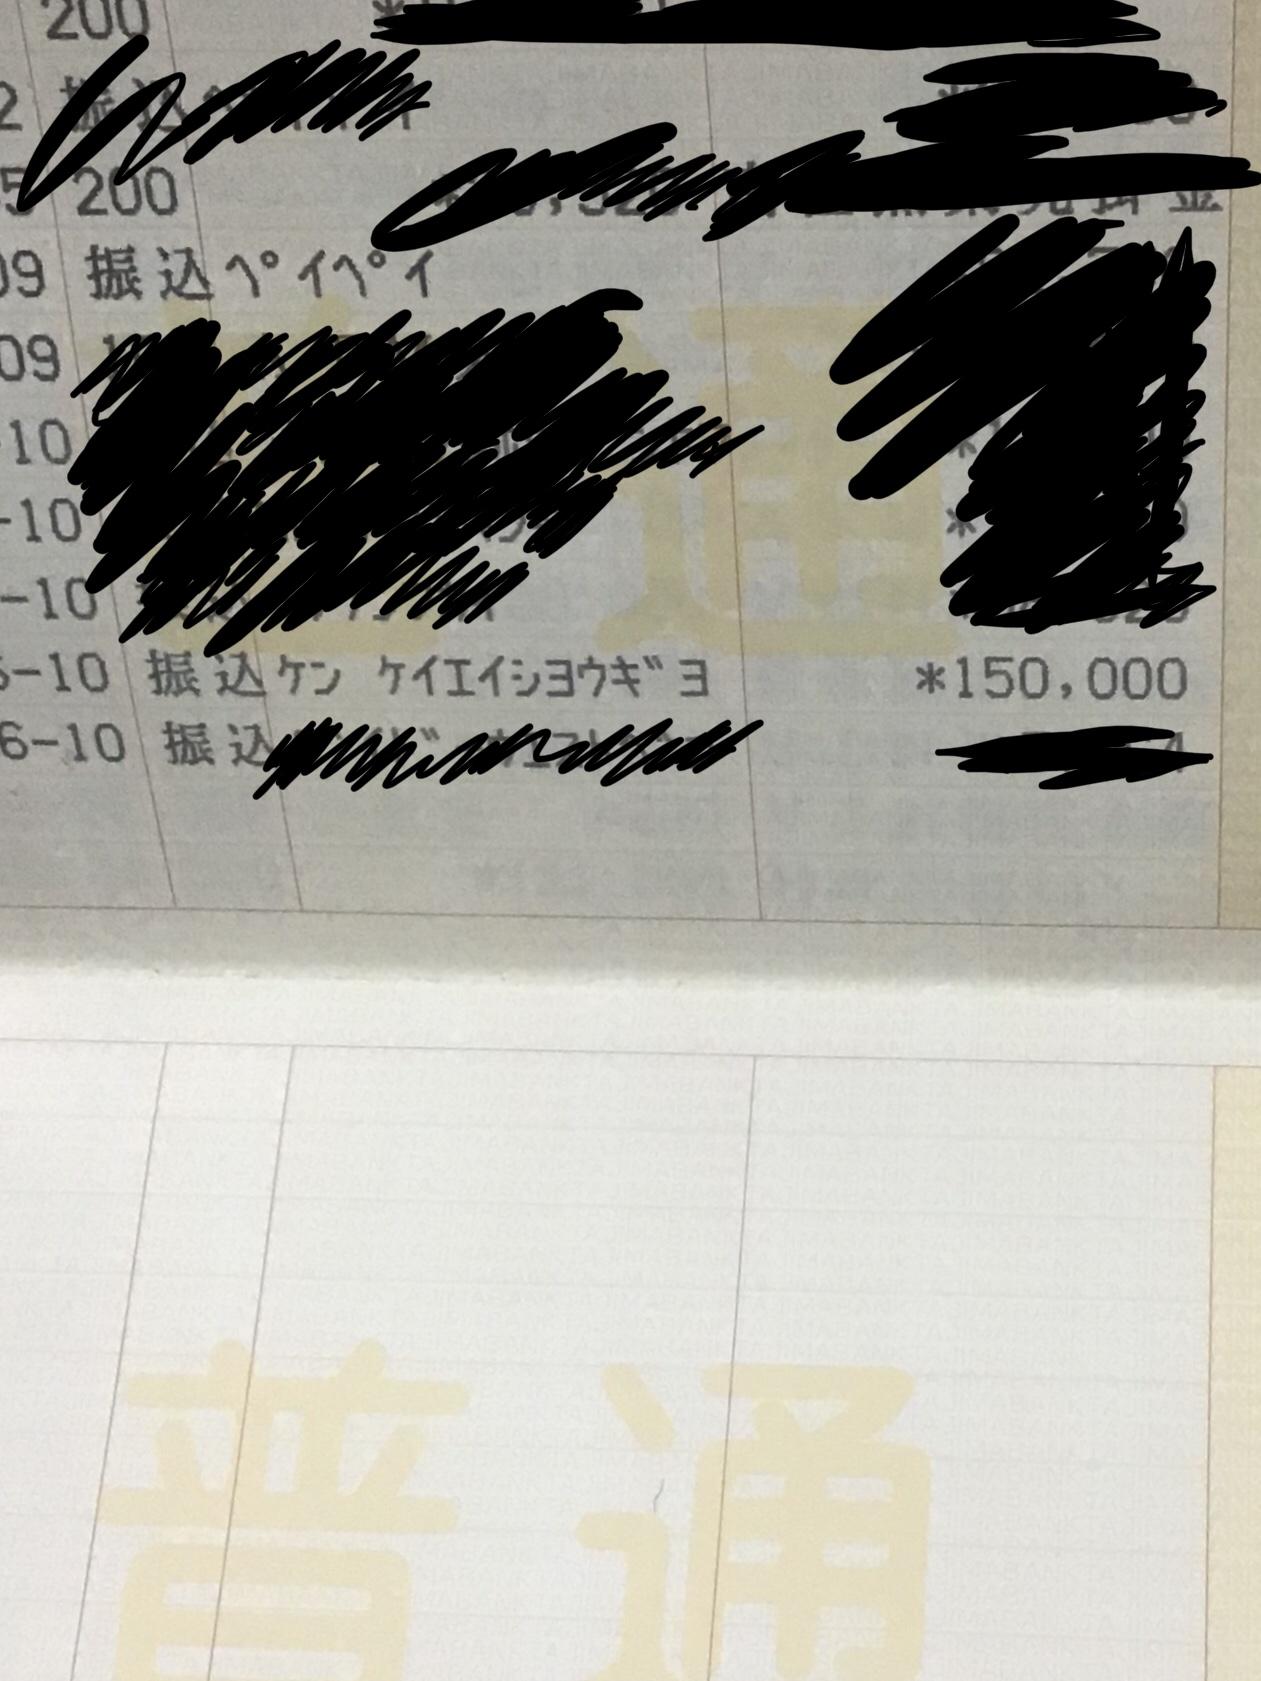 兵庫県経営継続支援金が入金されました